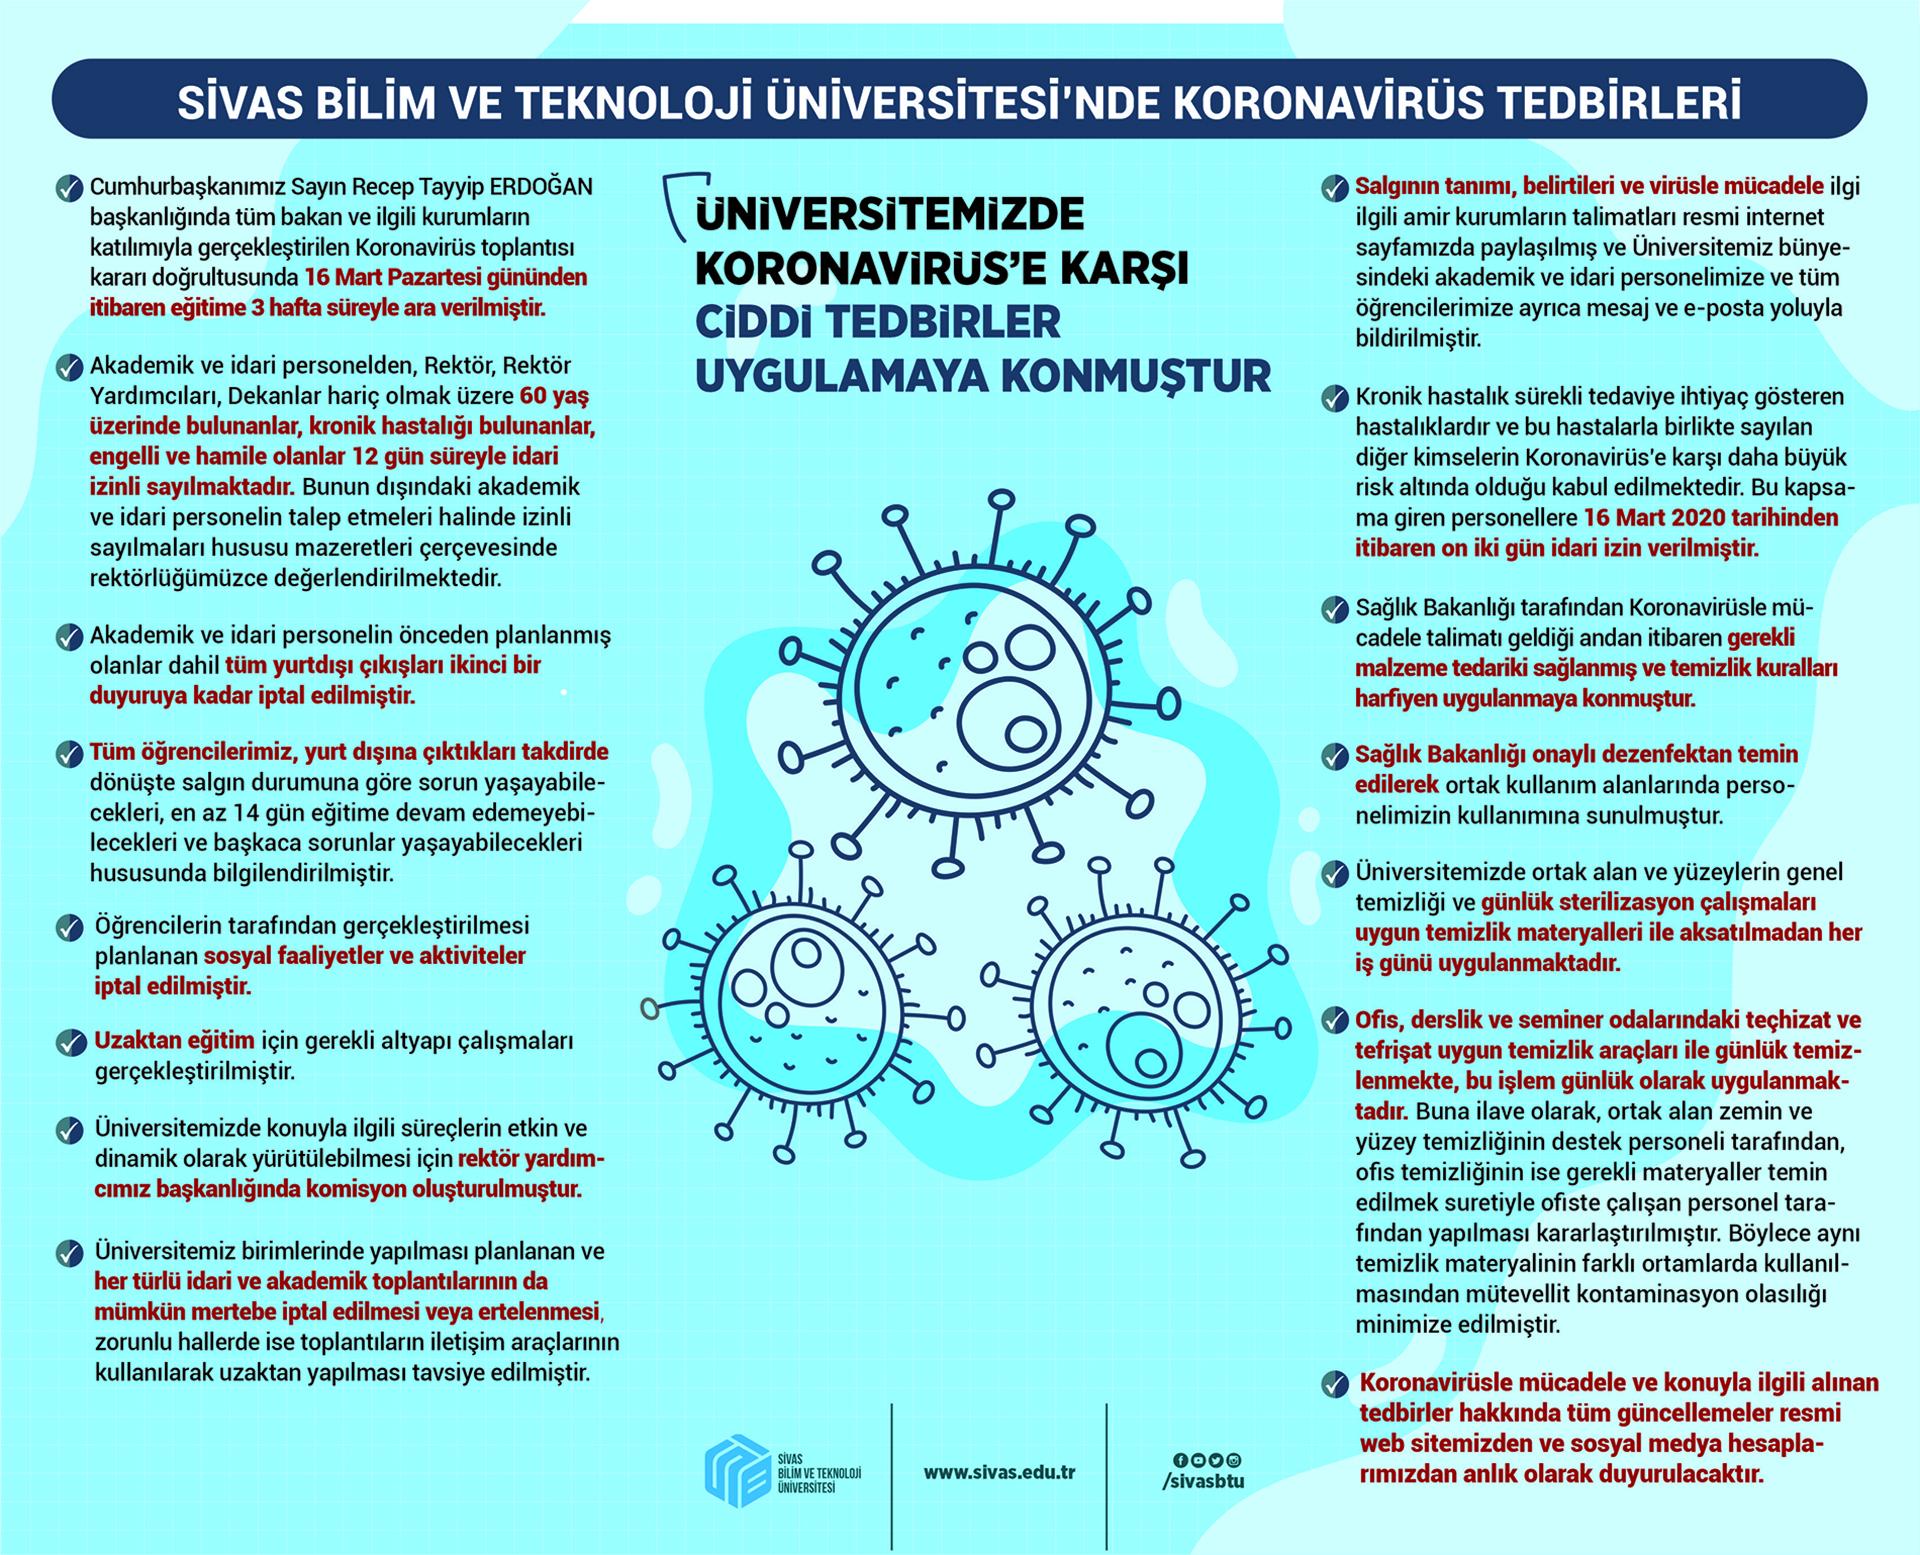 Covid 19 için Üniversitemizde Ciddi Tedbirler Uygulanıyor